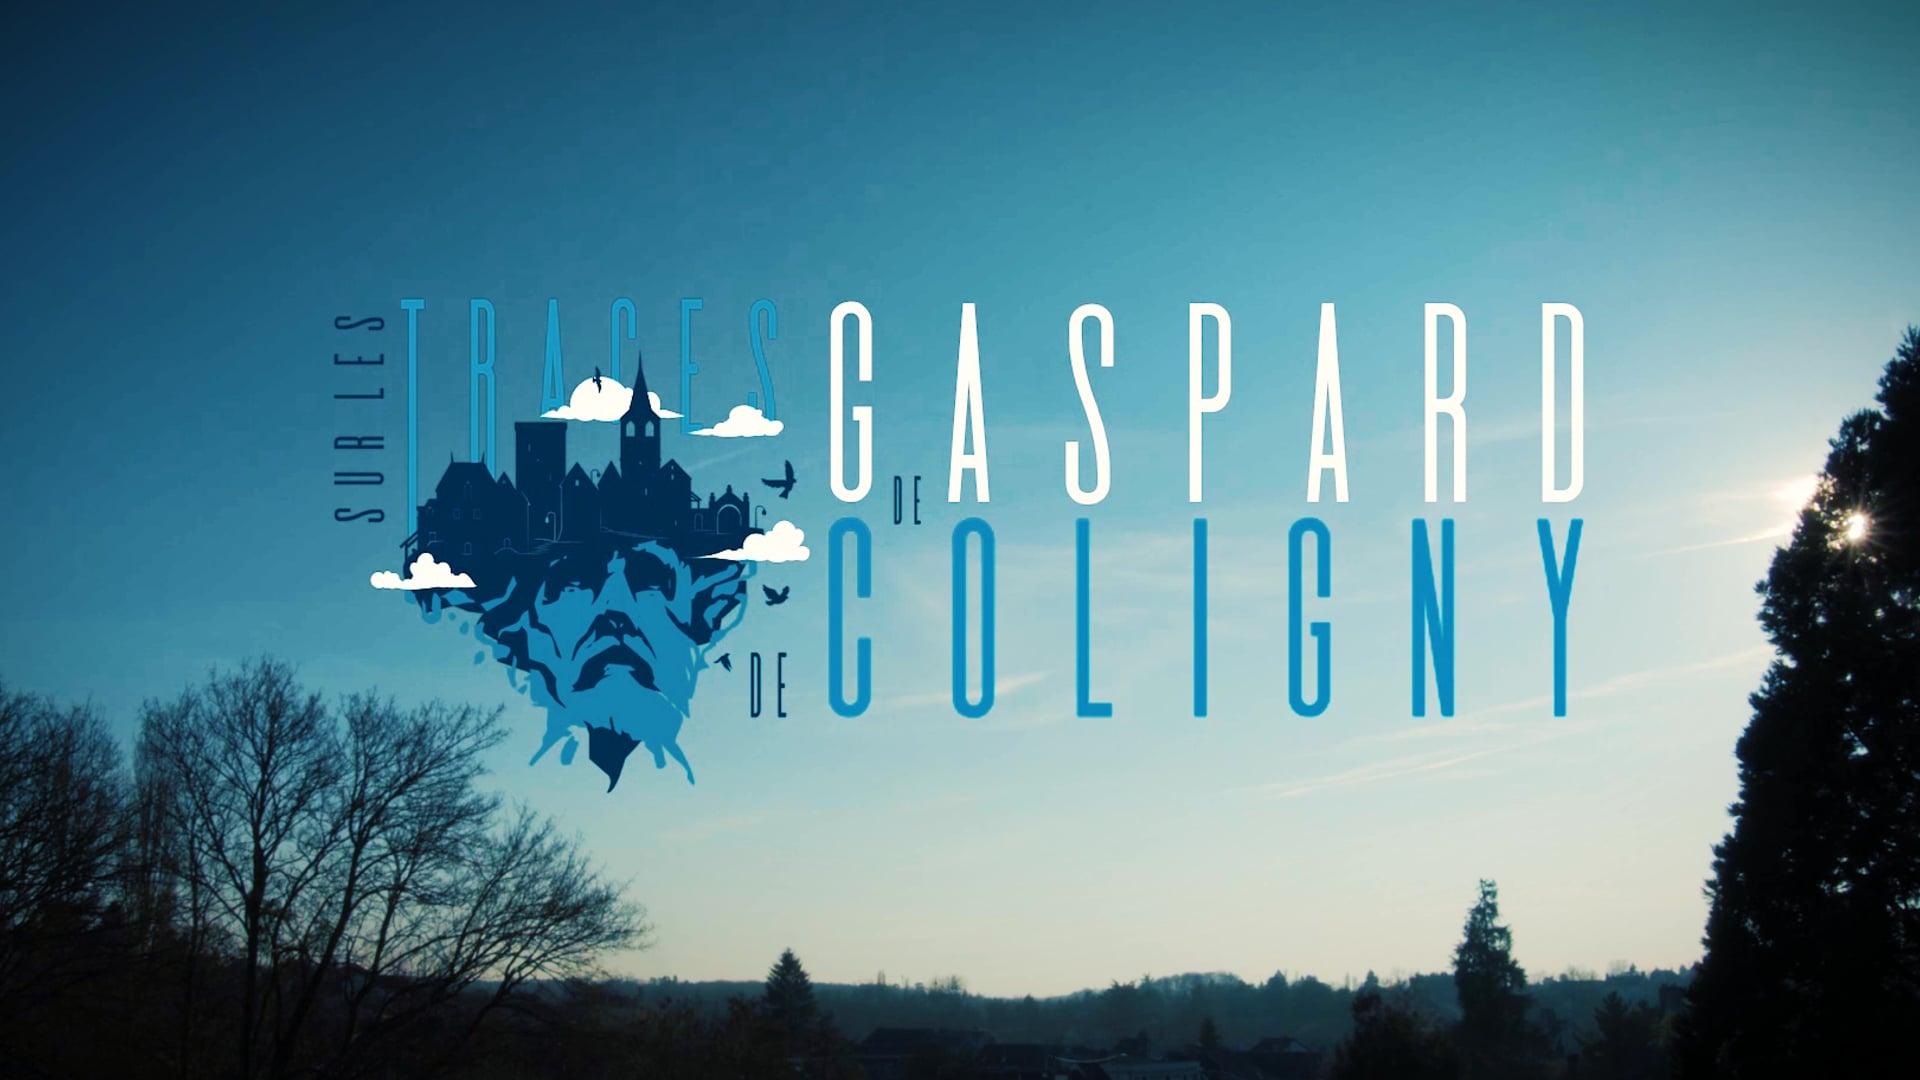 SUR LES TRACES DE GASPARD DE COLIGNY - Documentaire participatif - Présentation